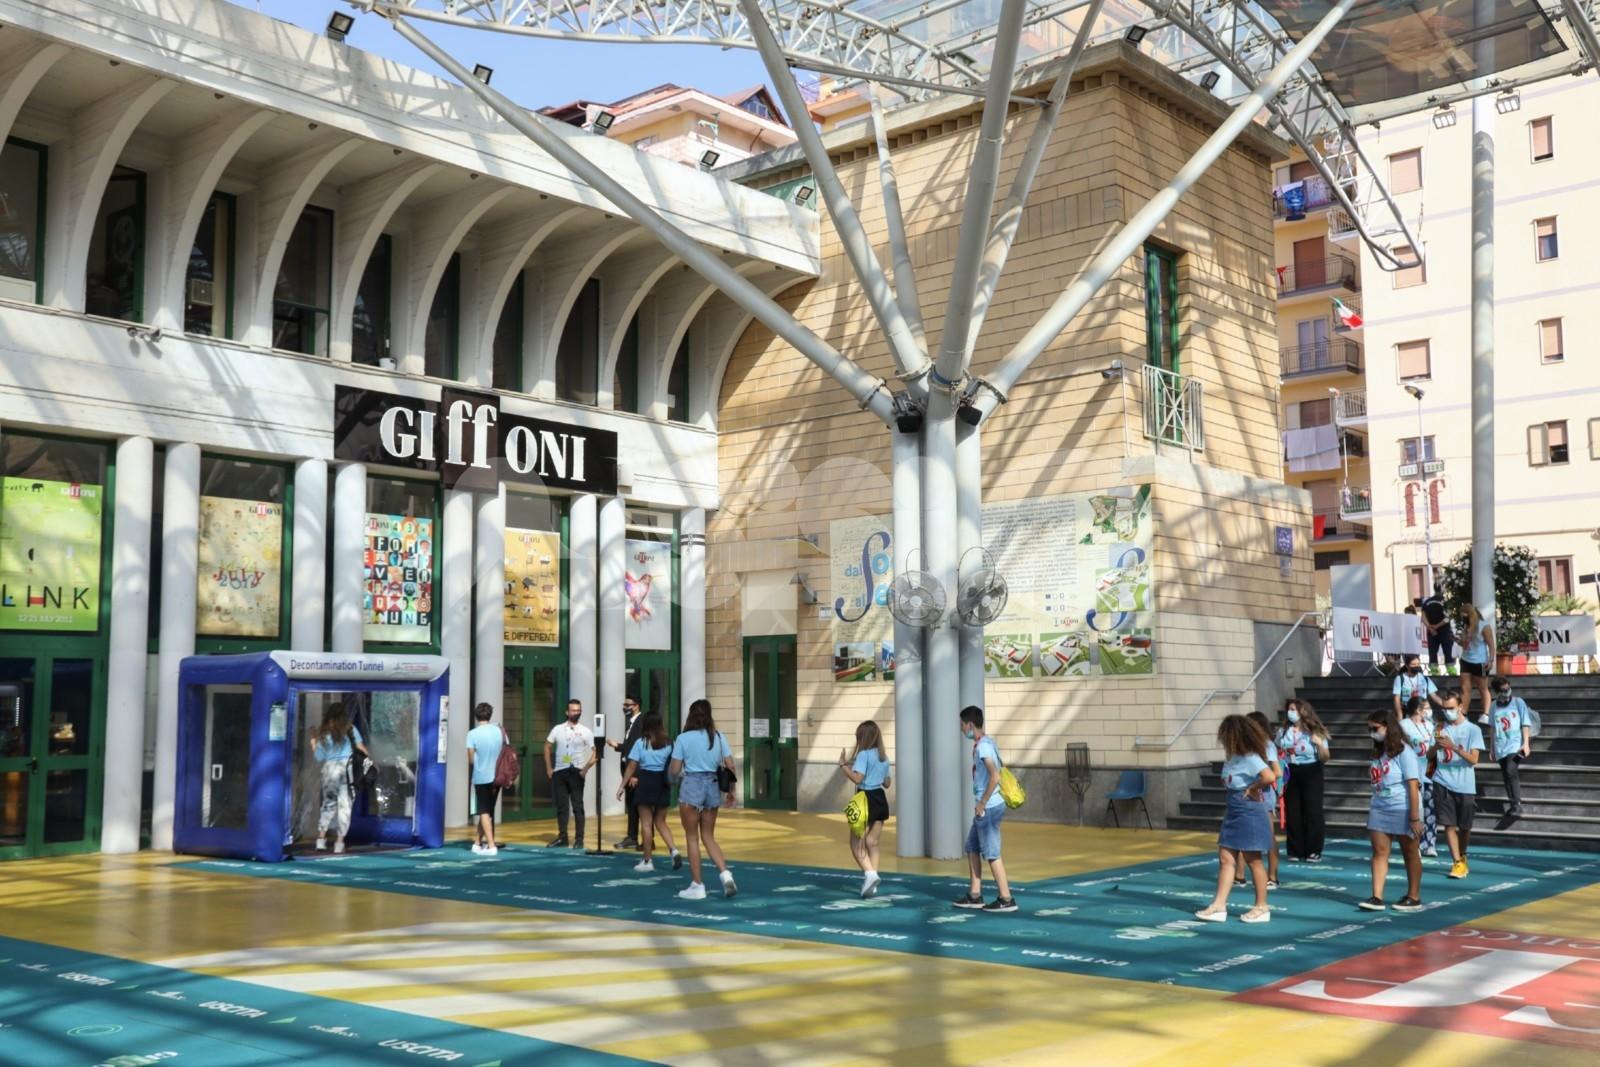 Carlo Sironi al Giffoni Film Festival 2020 con il film Sole